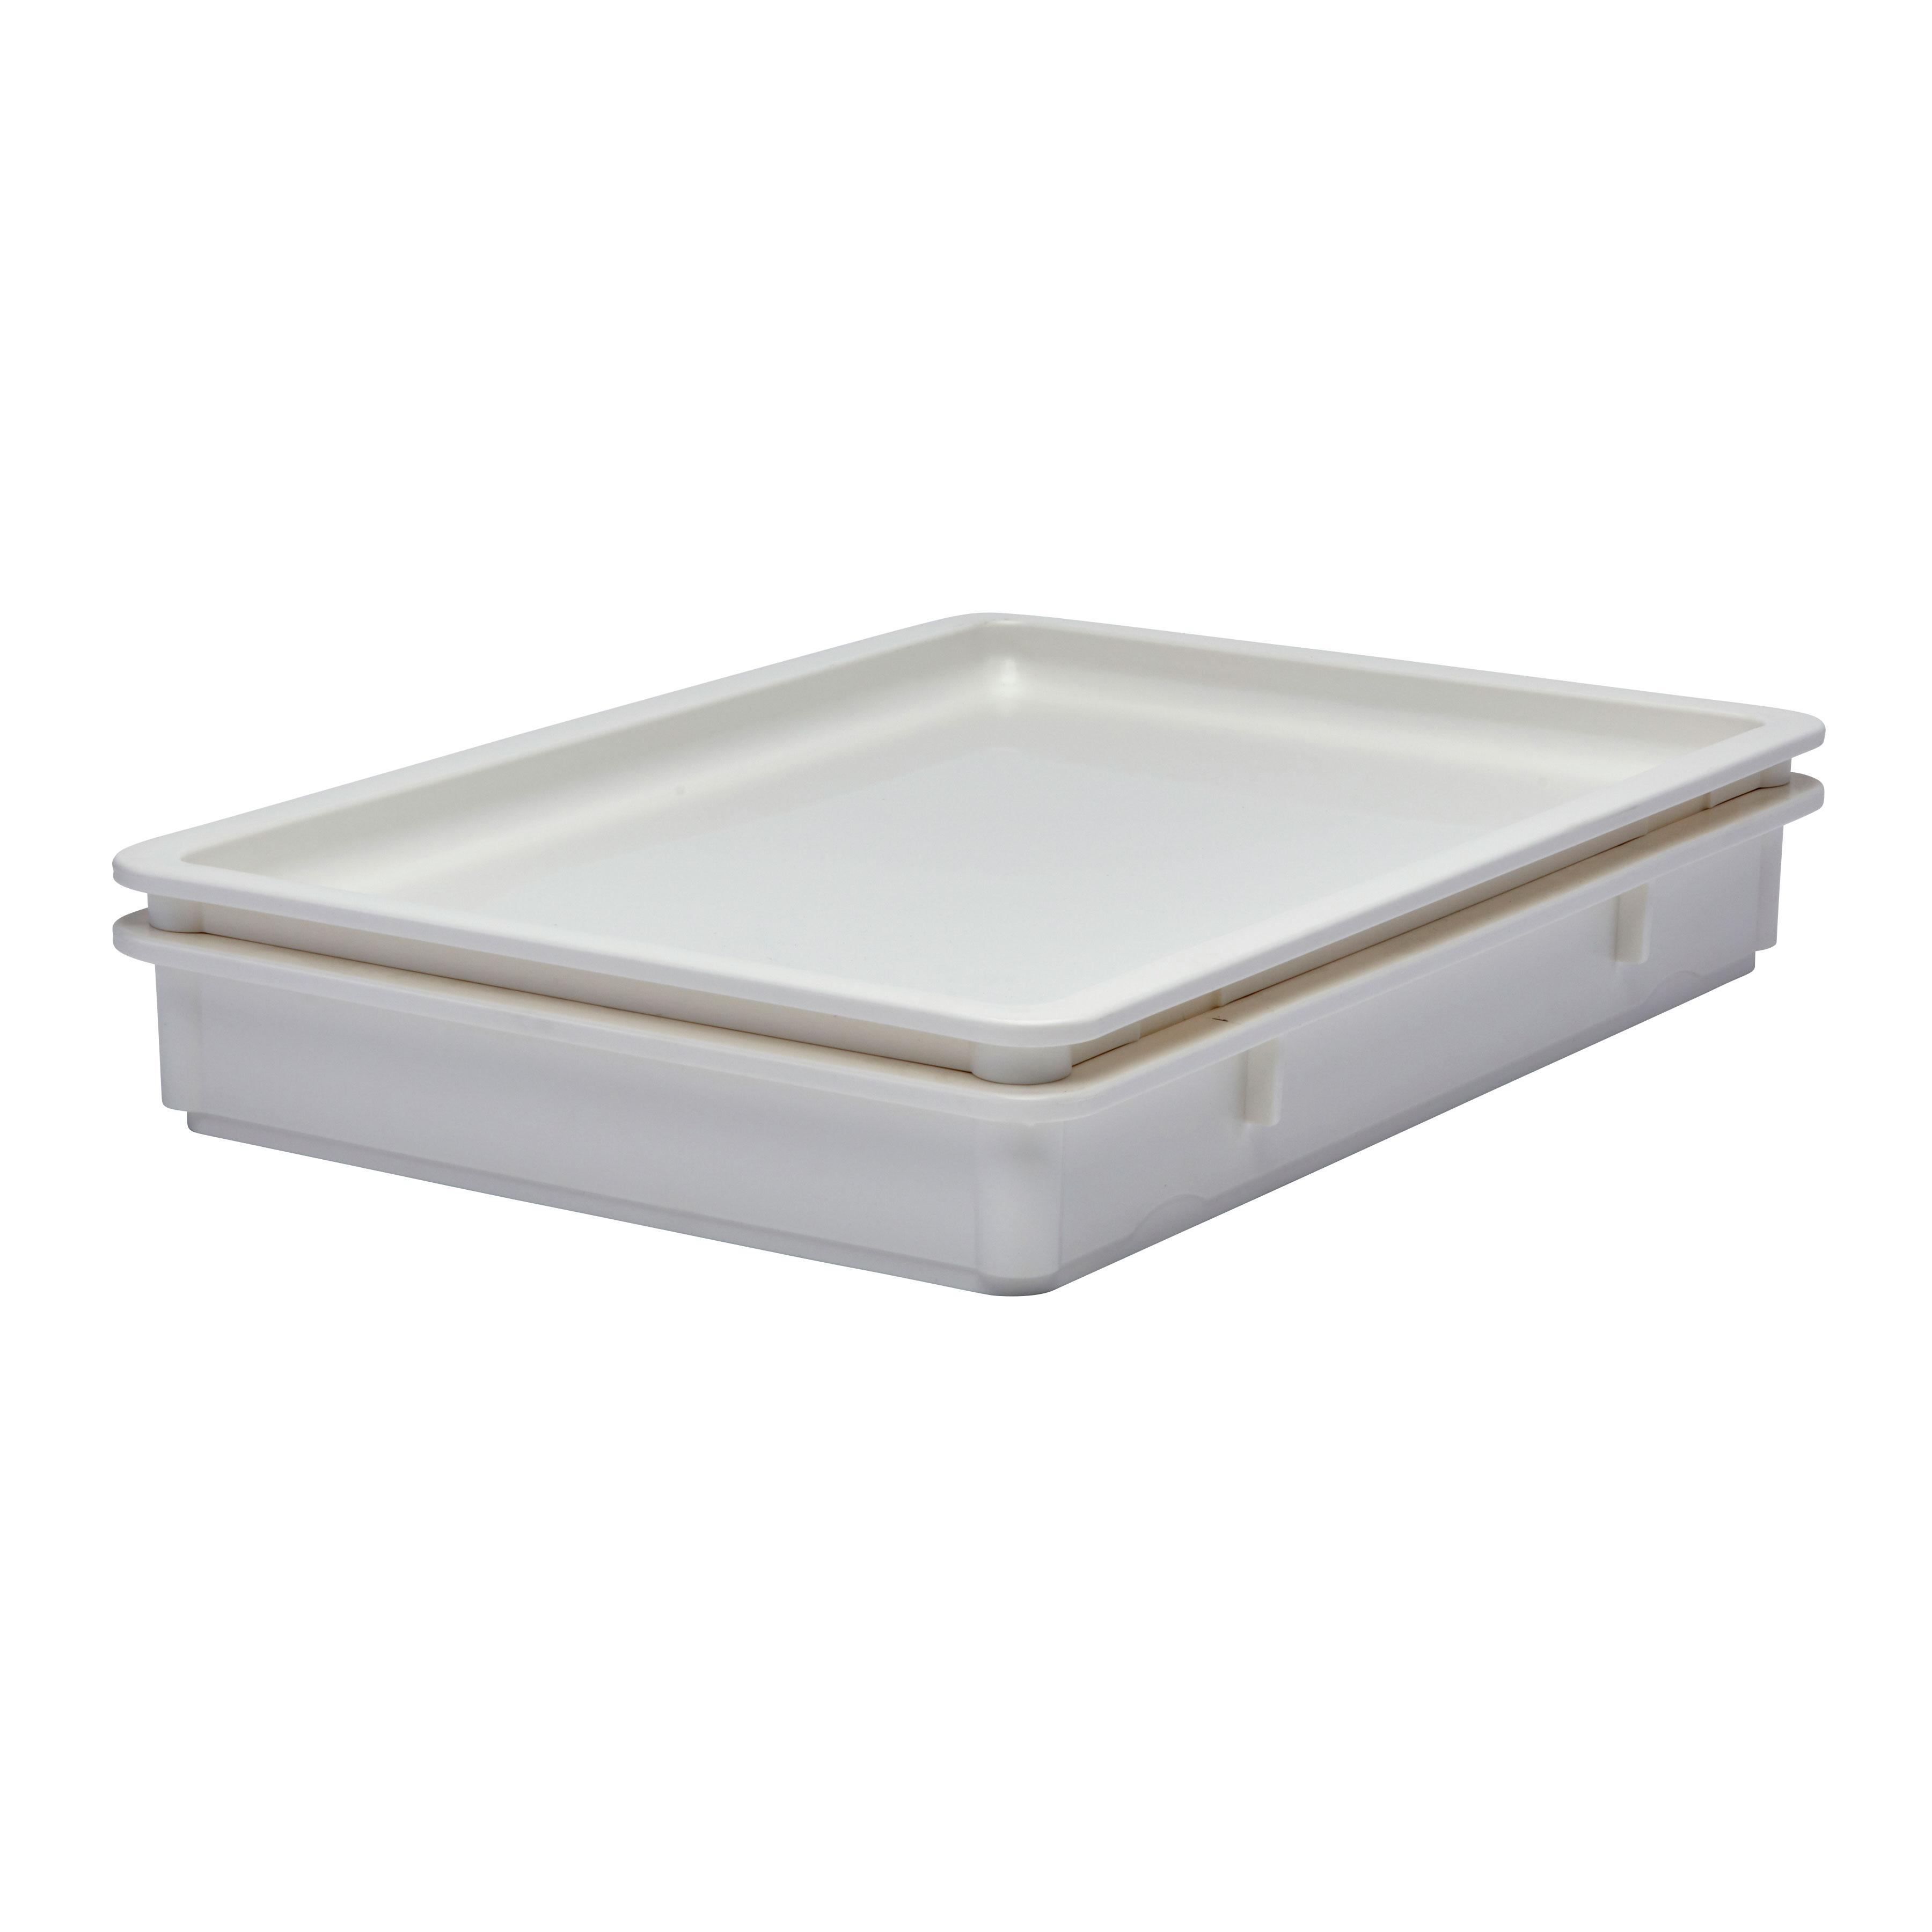 Cambro DB18263P148 dough proofing retarding pans / boxes